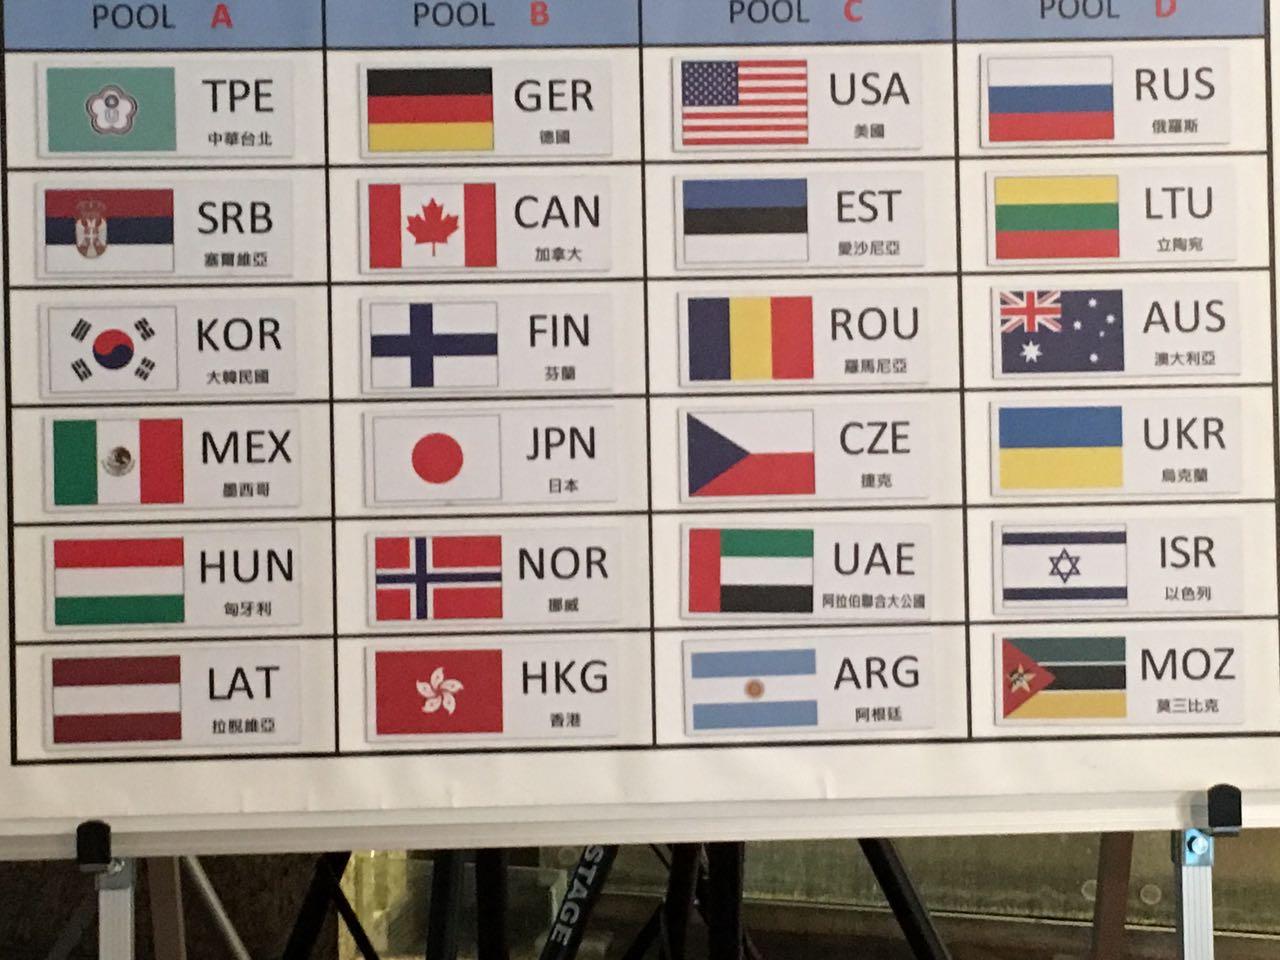 נבחרת ישראל לאוניברסיאדה עם רוסיה, ליטא, אוסטרליה , אוקראינה ומוזמביק